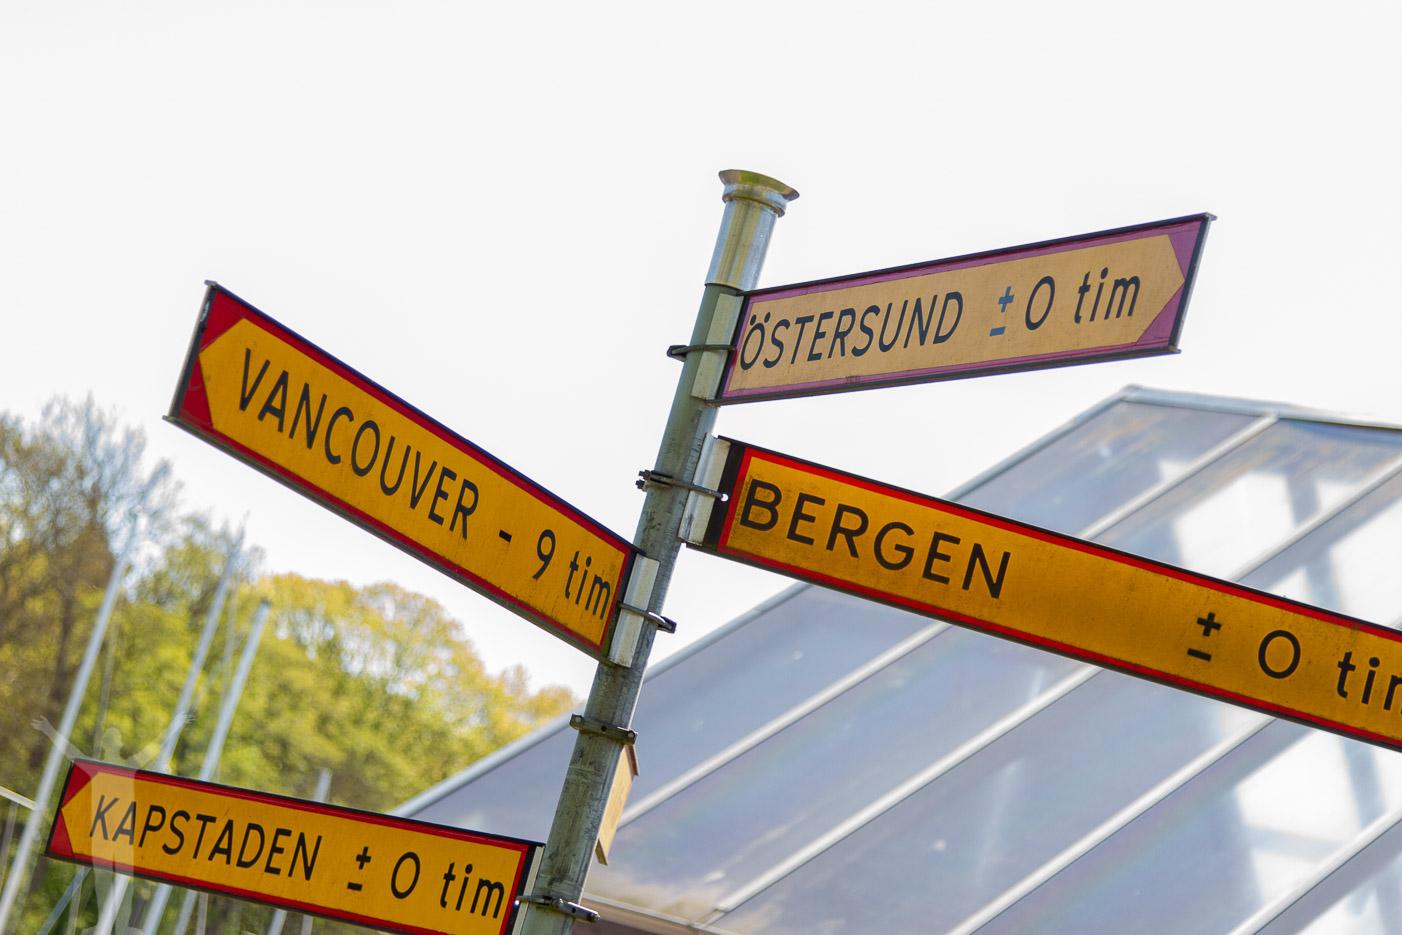 Bästa skylten - Östersund och Vancouver